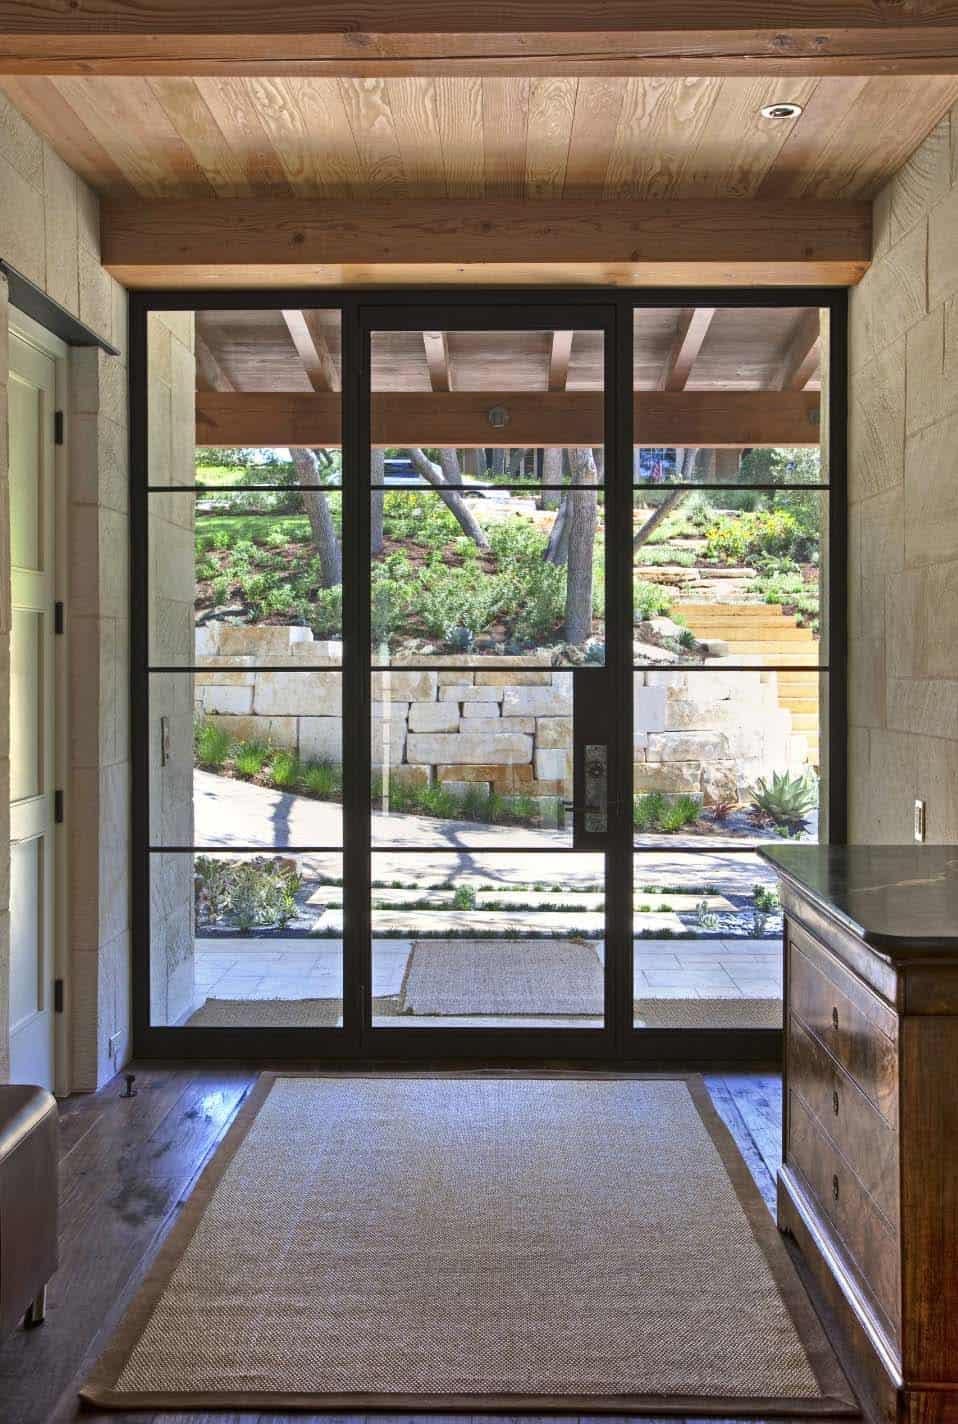 Rustic Modern Home-Mark Ashby Design-04-1 Kindesign